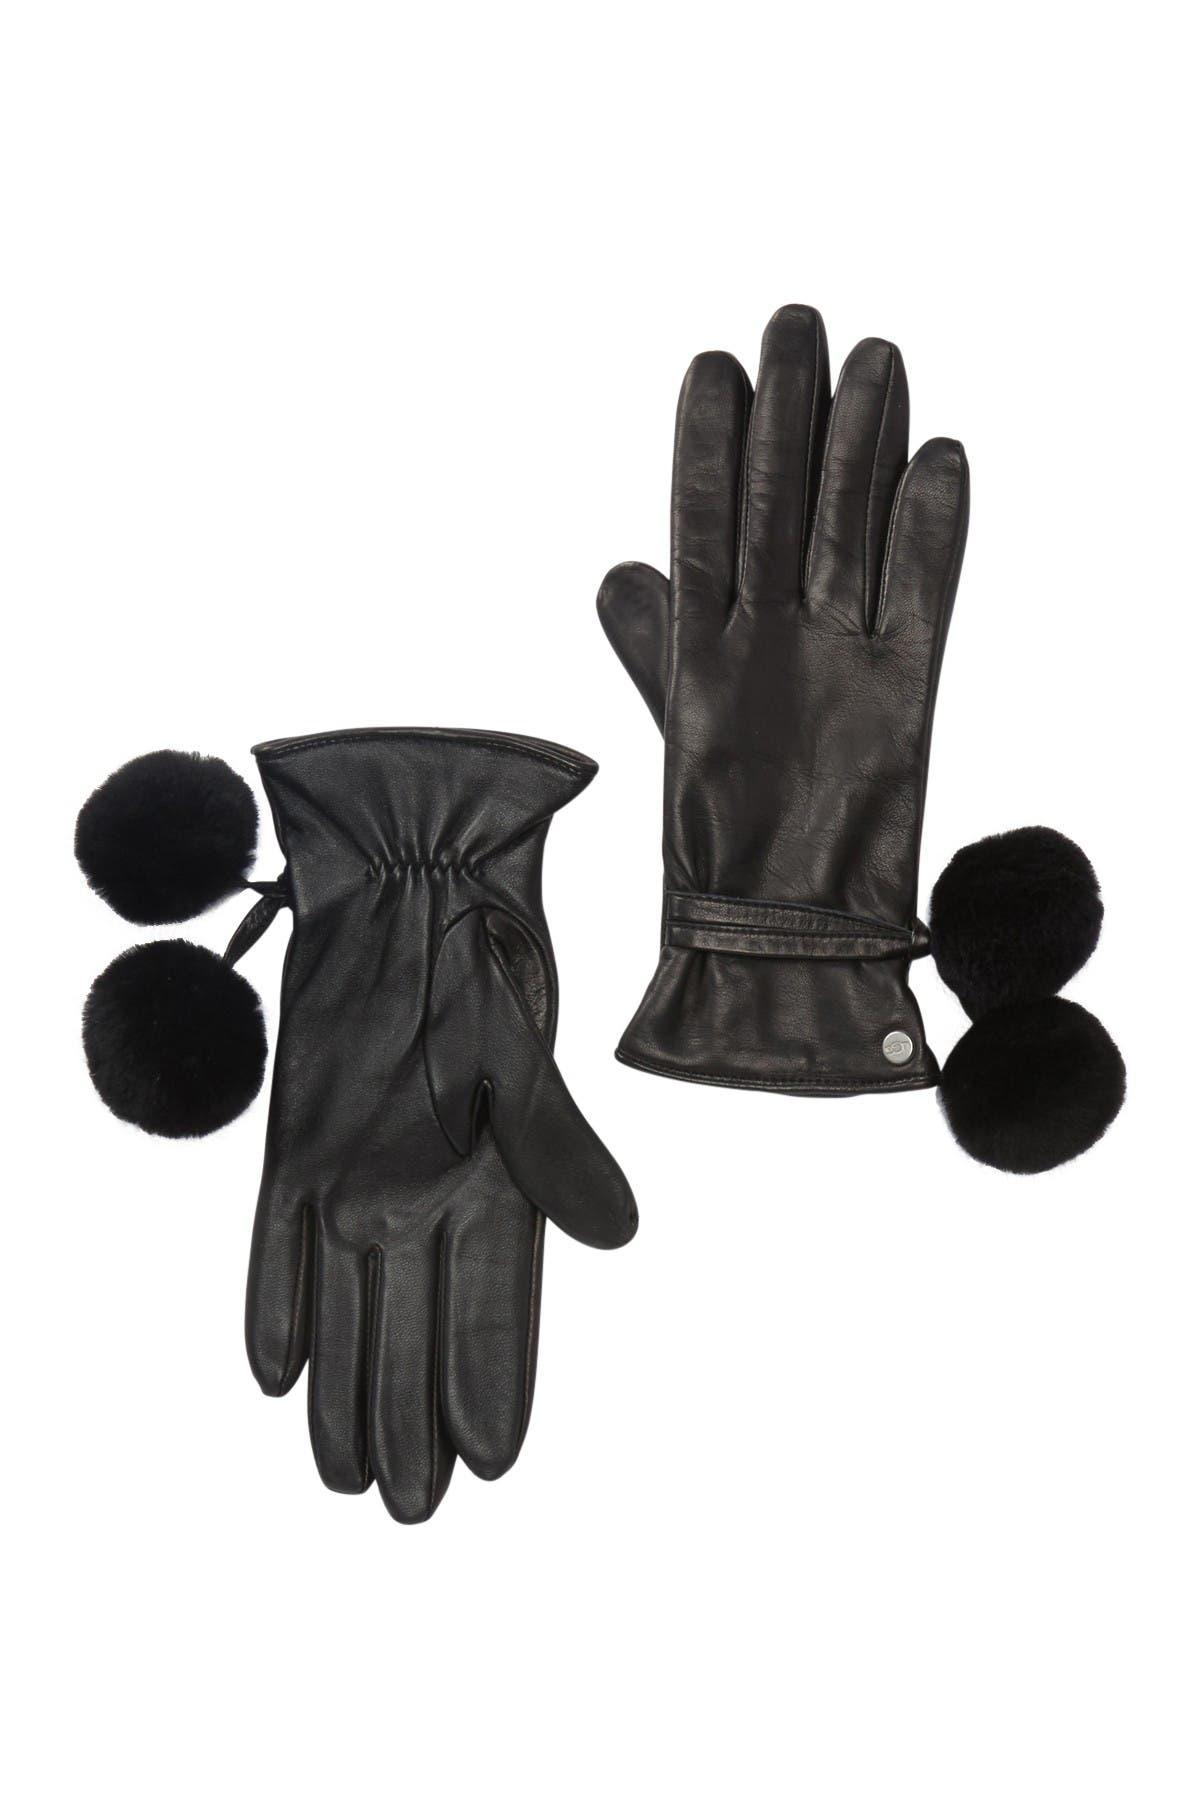 Image of UGG Leather Genuine Shearling Pompom Gloves